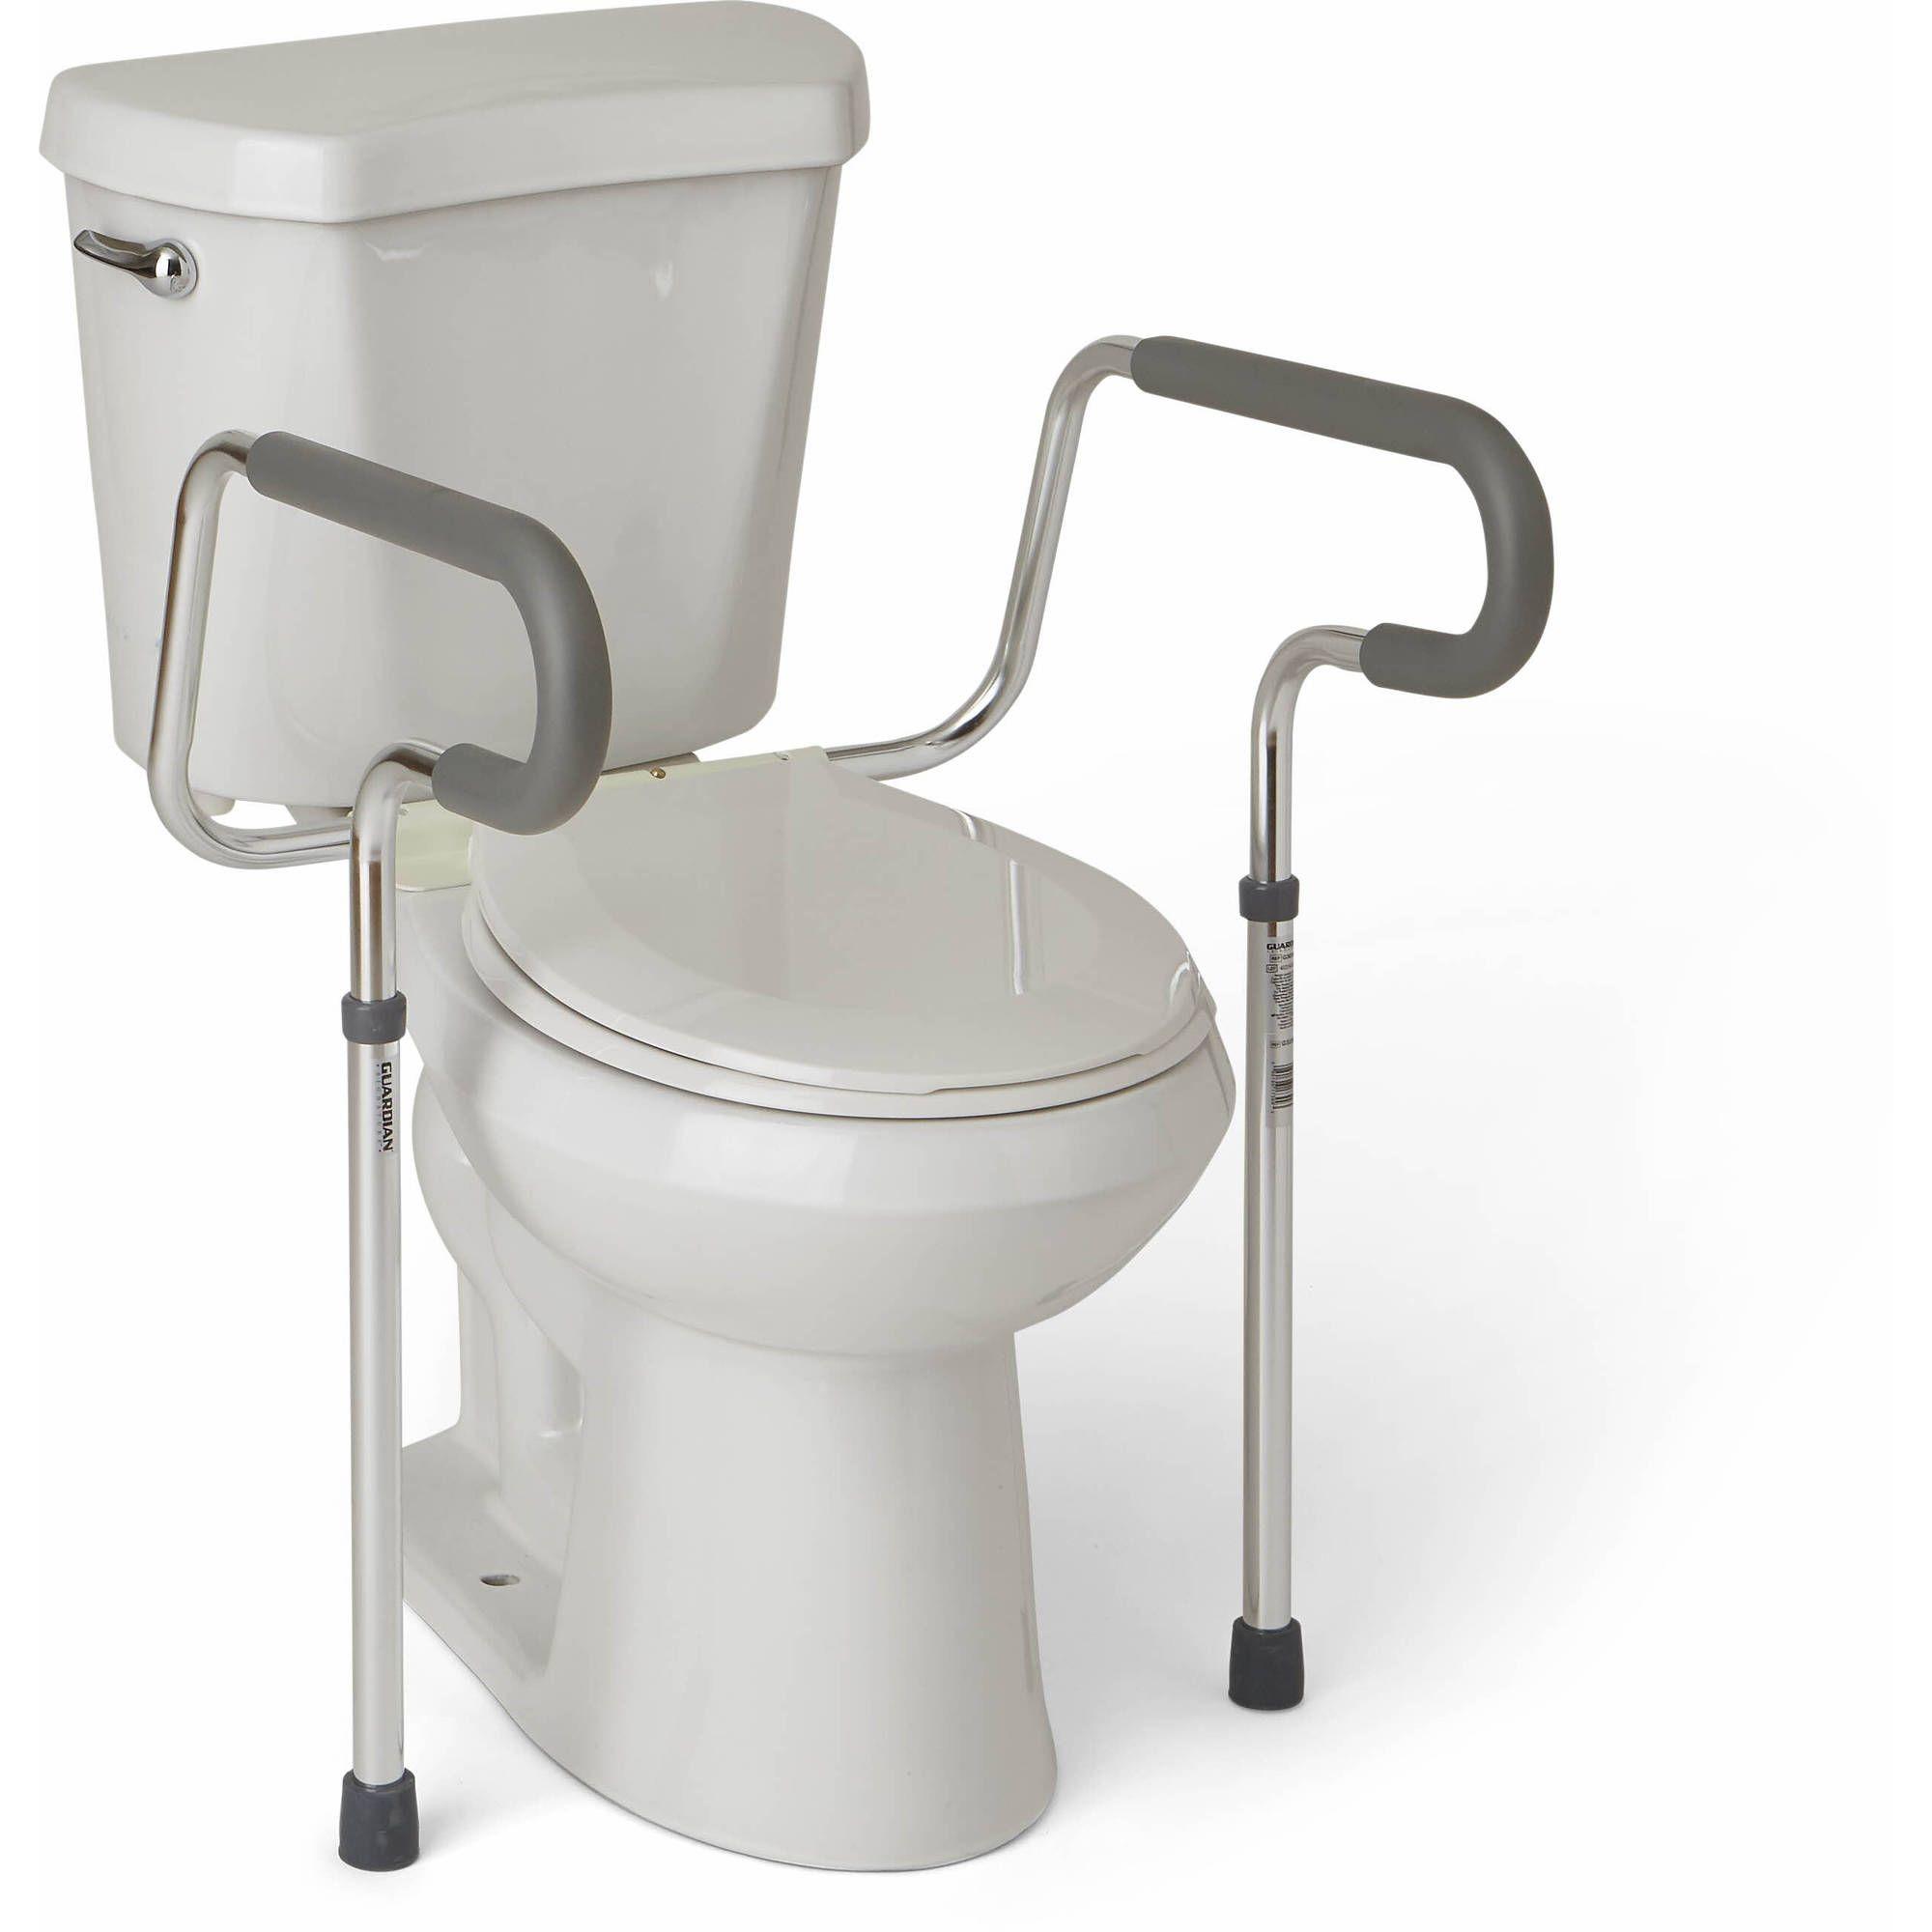 60 Medline Toilet Safety Frame Rails Bathroom safety